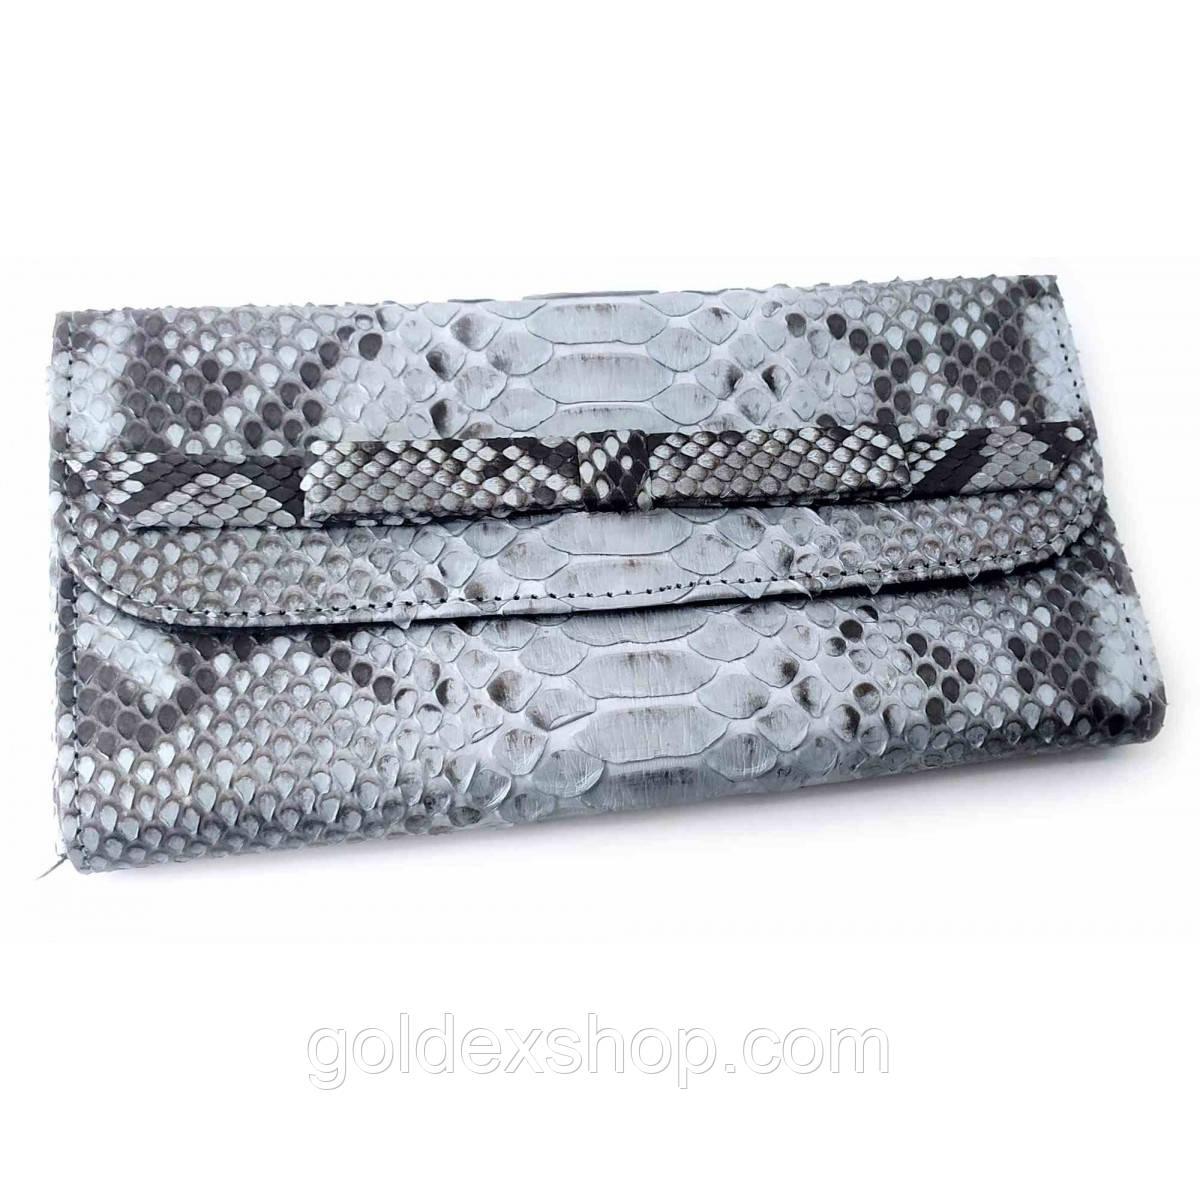 Кошелек  клатч из кожи питона серый (30х11х2 см)